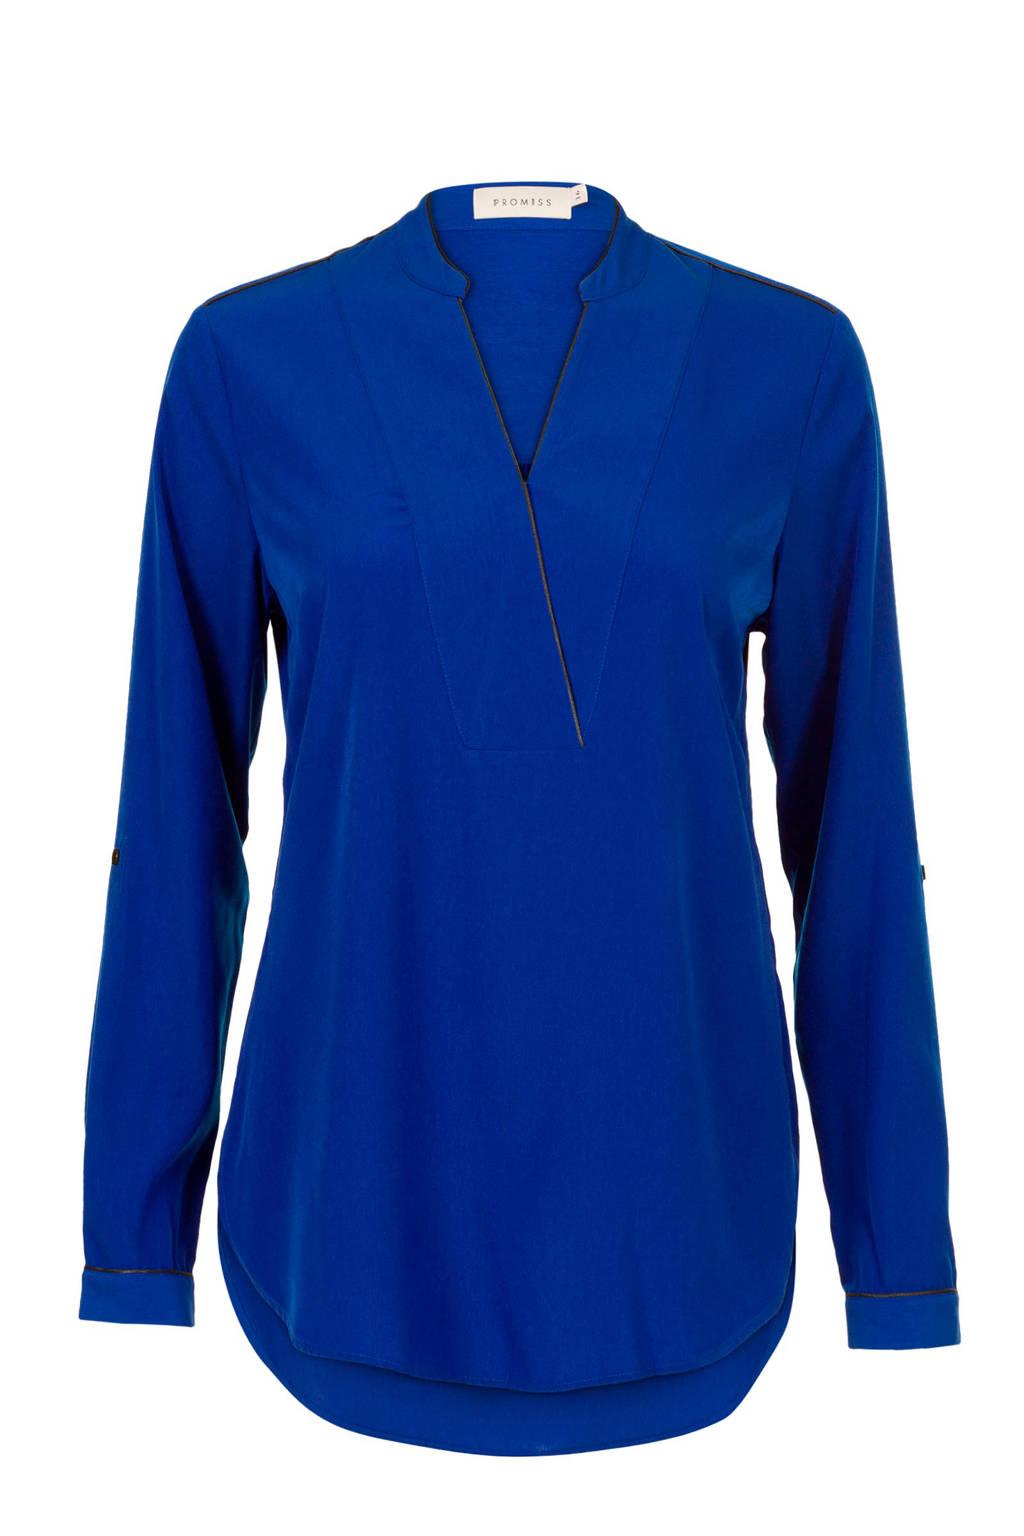 PROMISS top met contrastbies en overslag blauw, Blauw